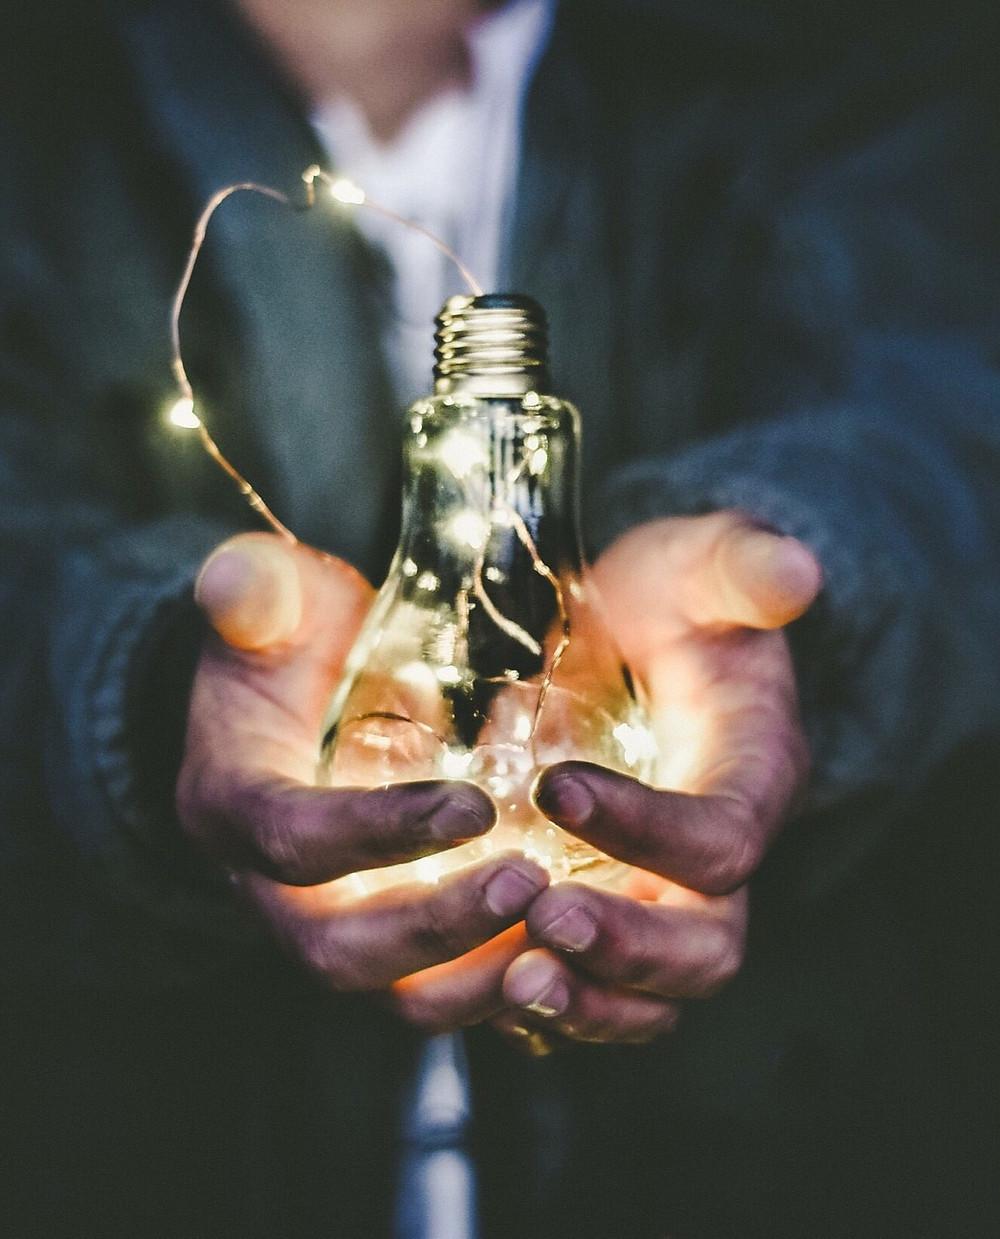 Ampoule éclairé dans la main d'un homme